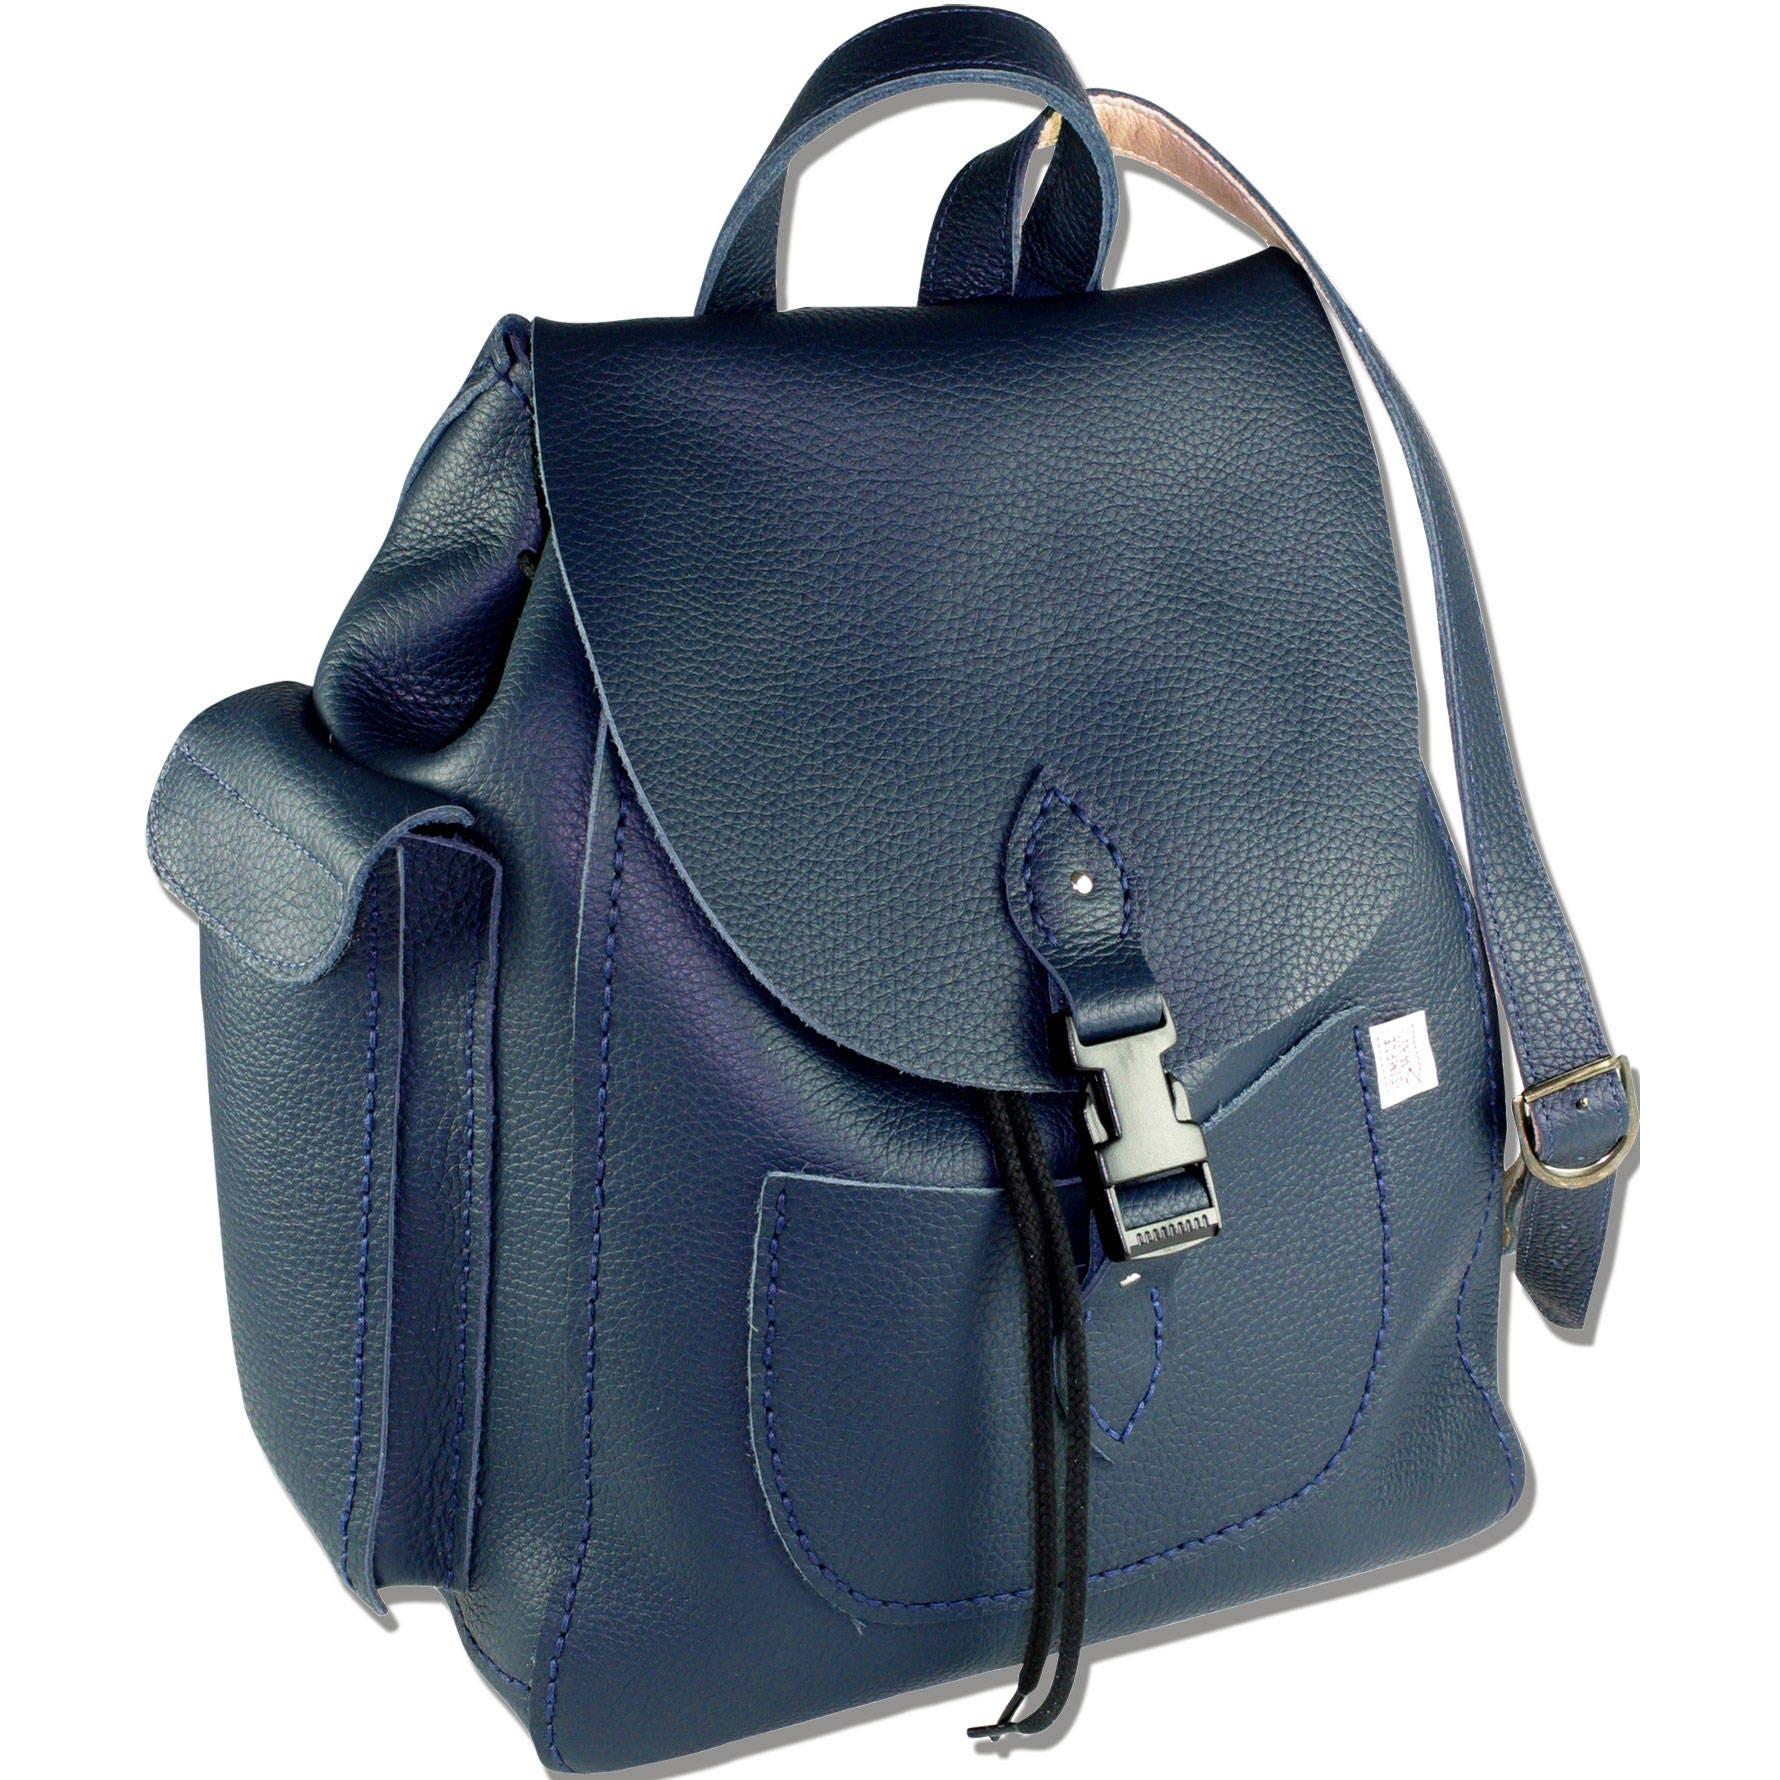 Backpack Rucksack Leather Backpack Kit DIY Backpack Kit Leather Backpack Kit Leather Rucksack